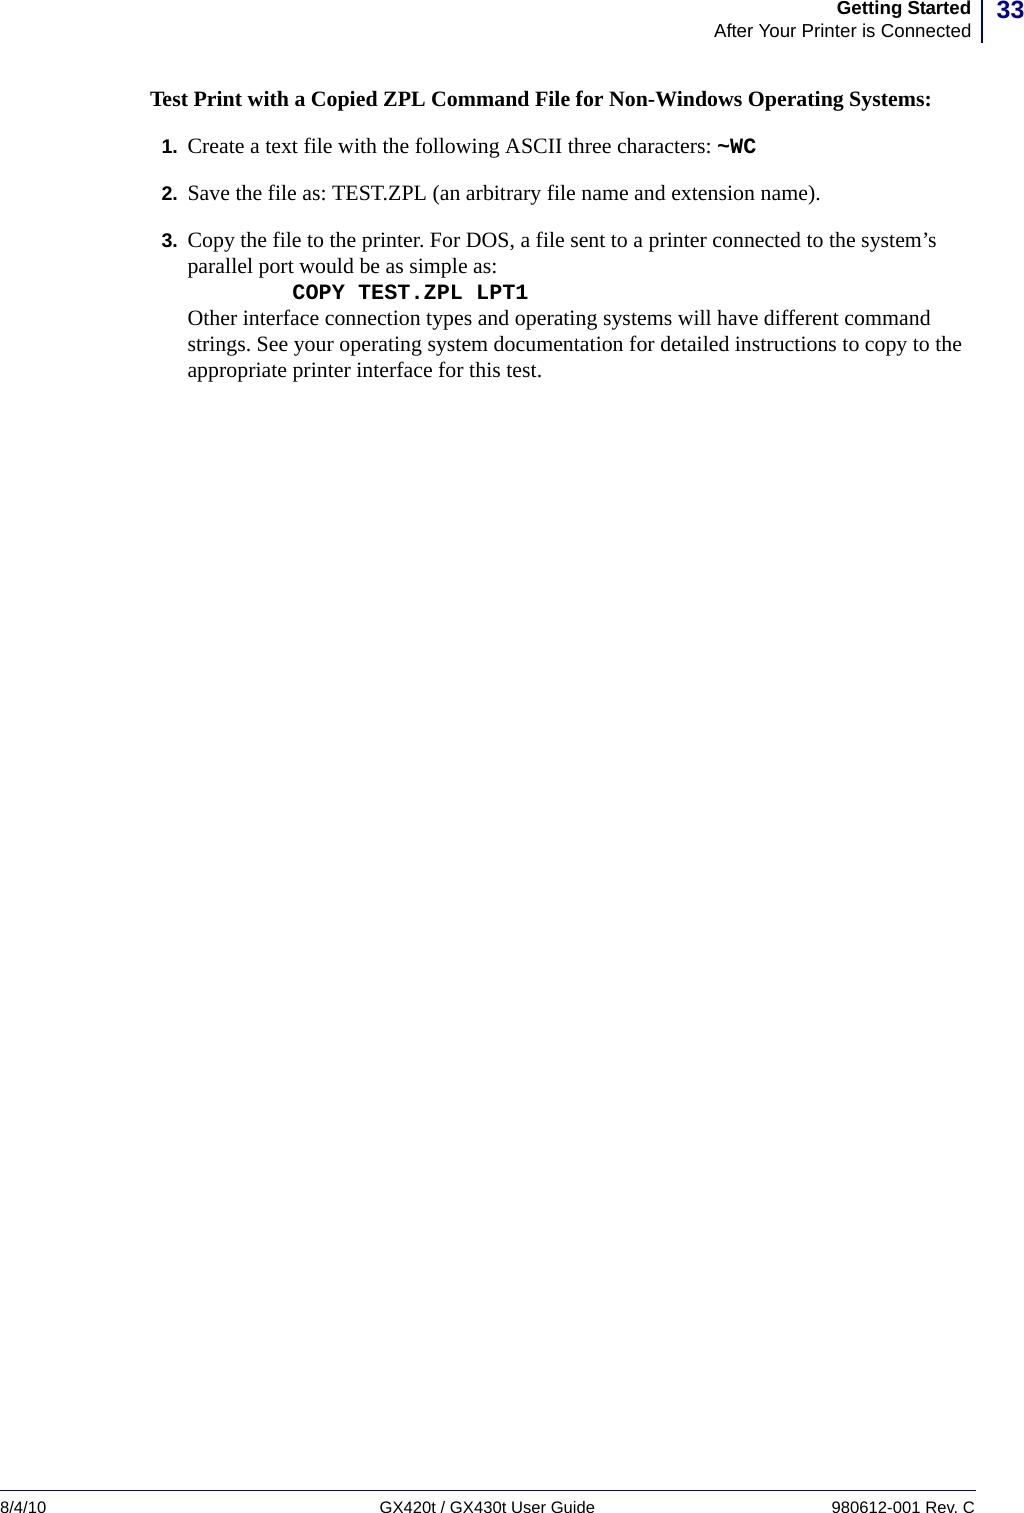 LabelZone Zebra Gx420T Gx430T 980612 001_rC_GX420tUGen User